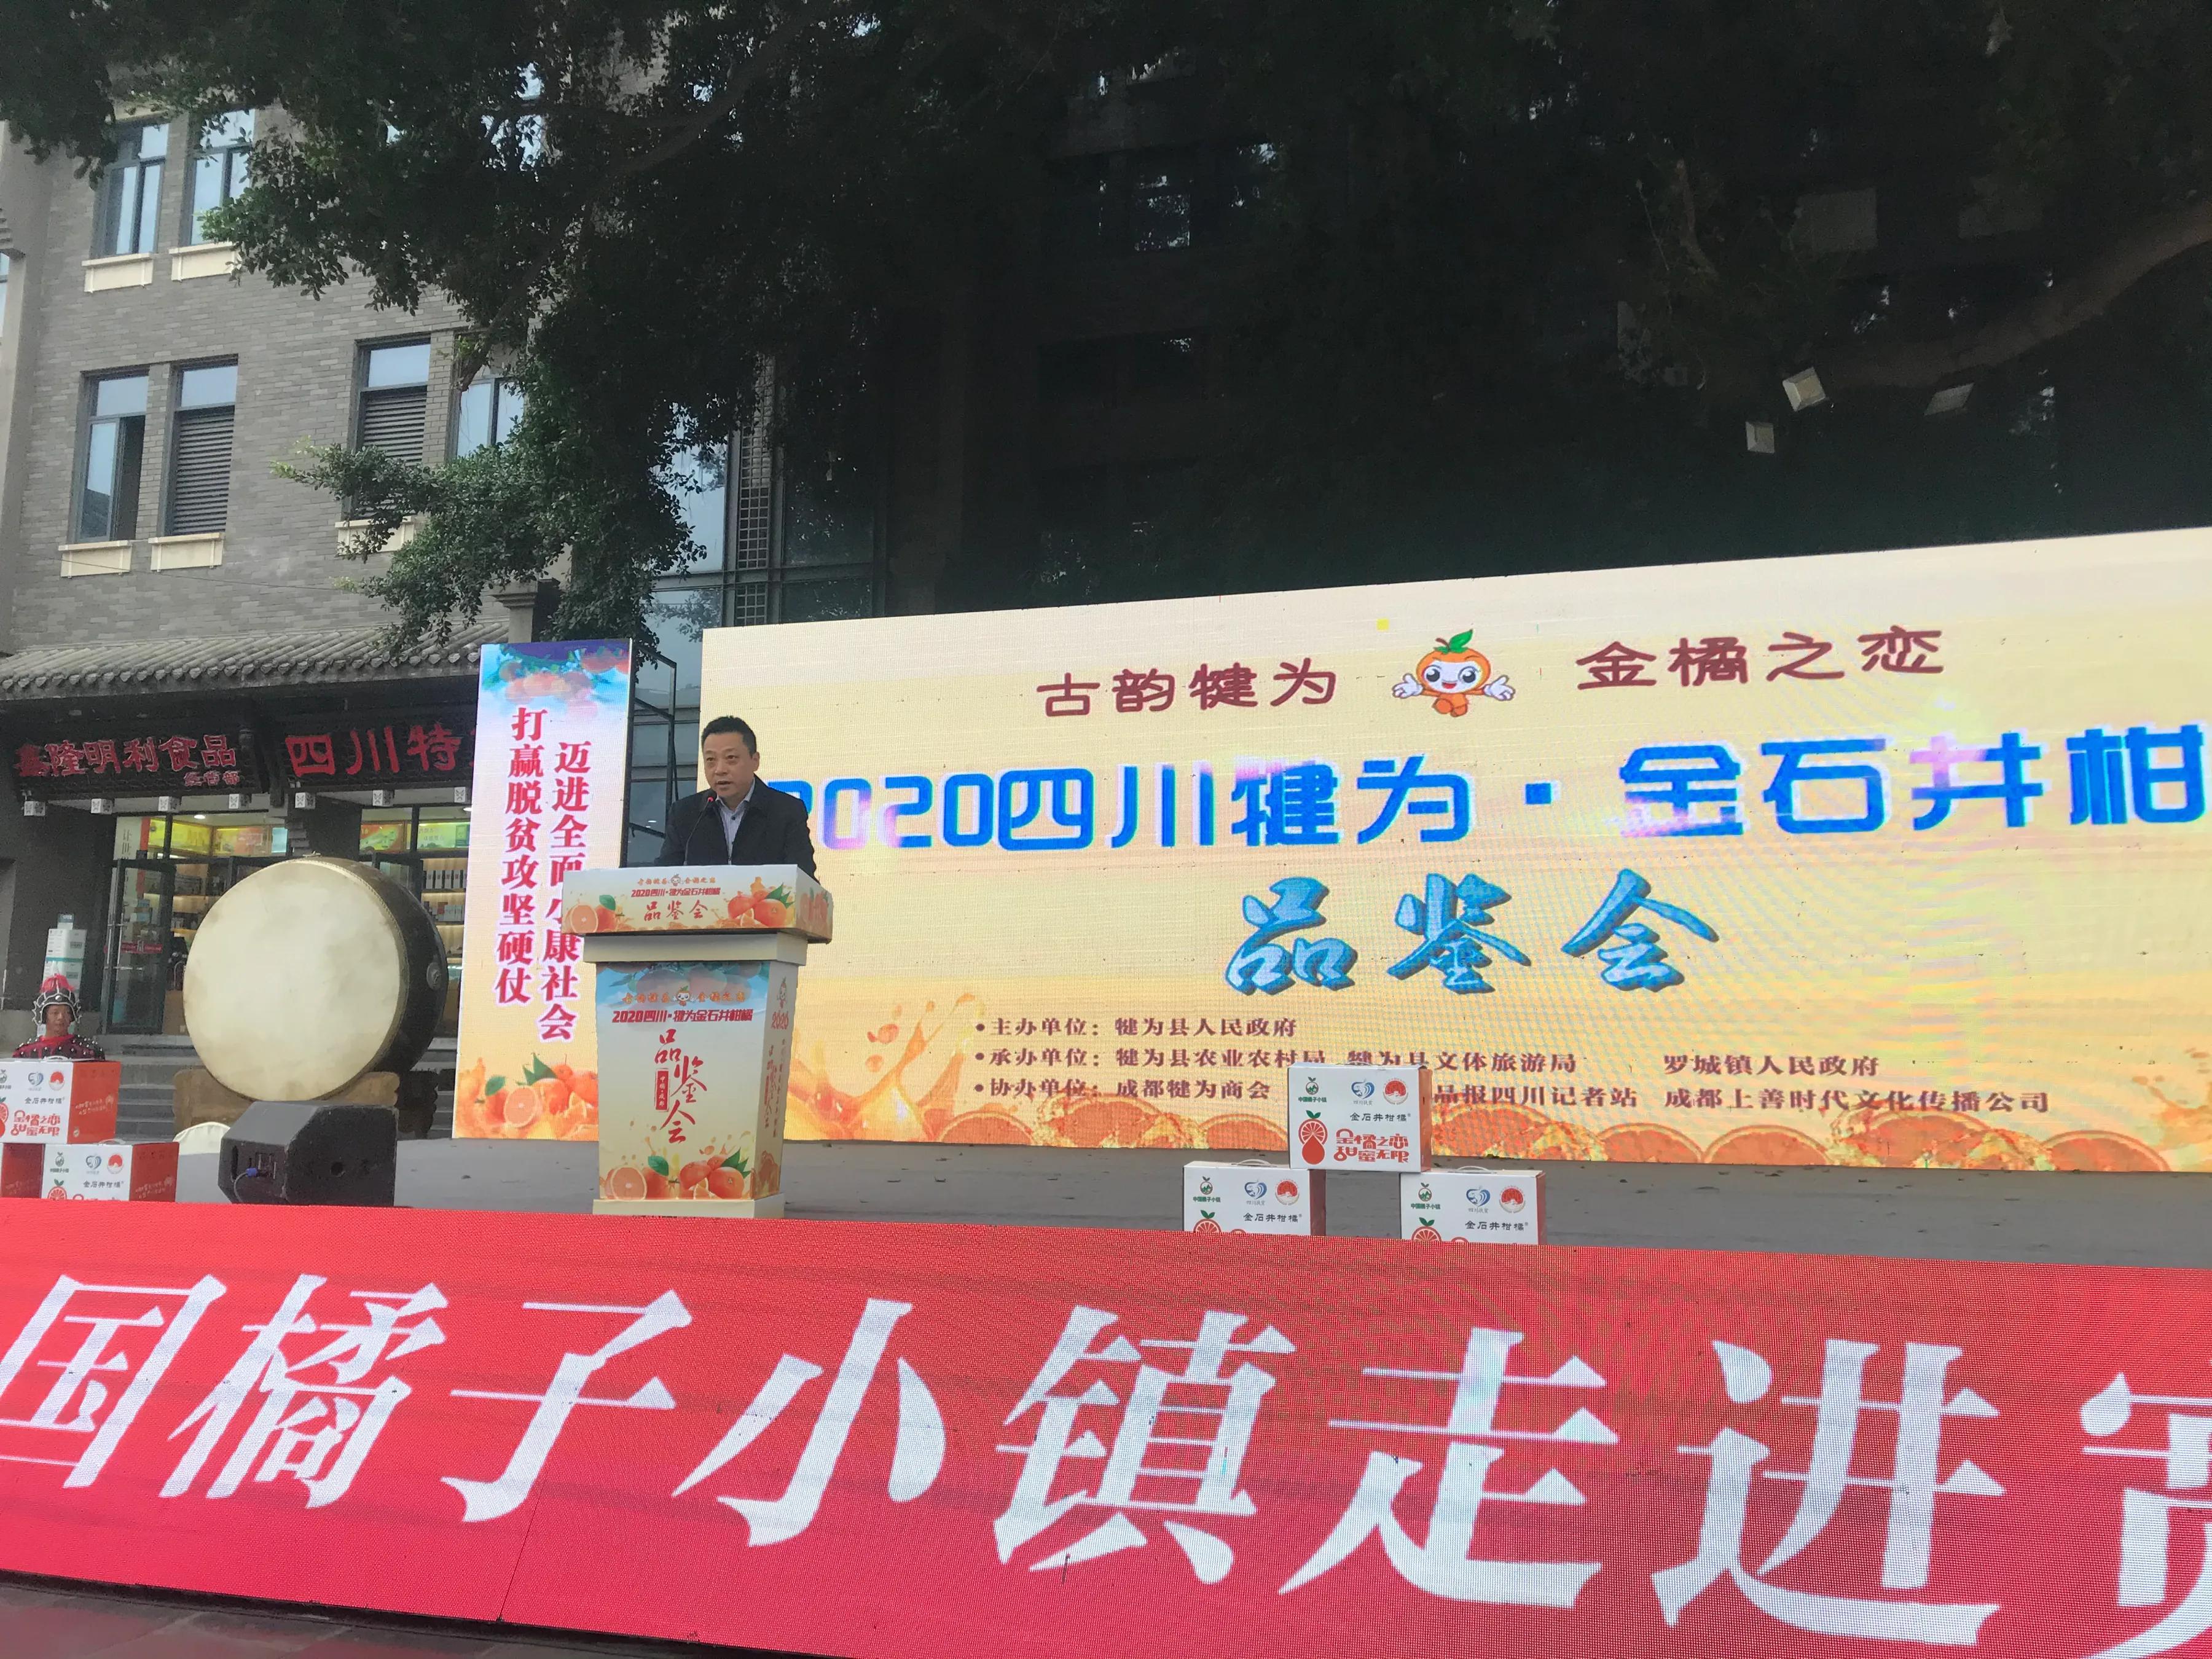 犍为金石井柑橘飘香成都宽窄巷子 产业兴旺群众增收